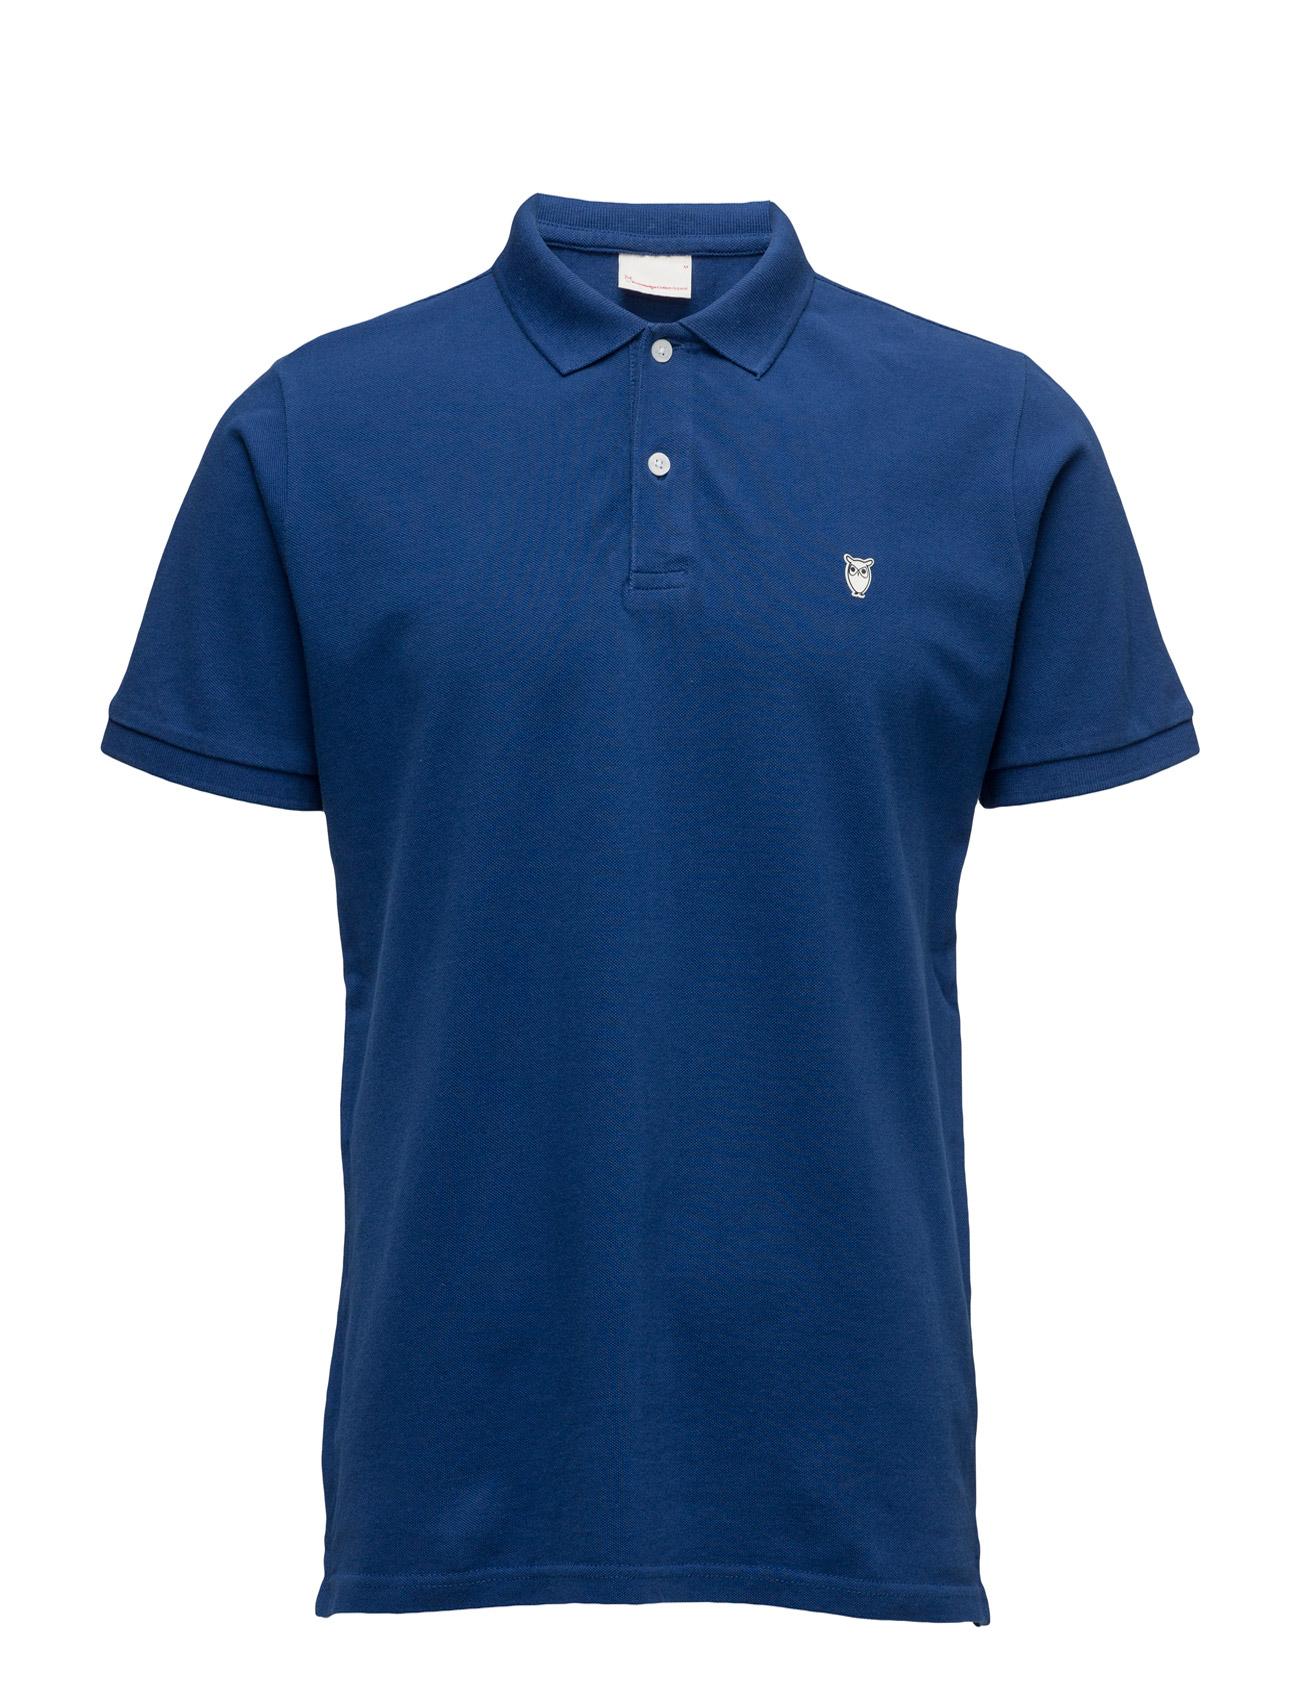 Pique Polo -  Ocs Knowledge Cotton Apparel Kortærmede polo t-shirts til Herrer i